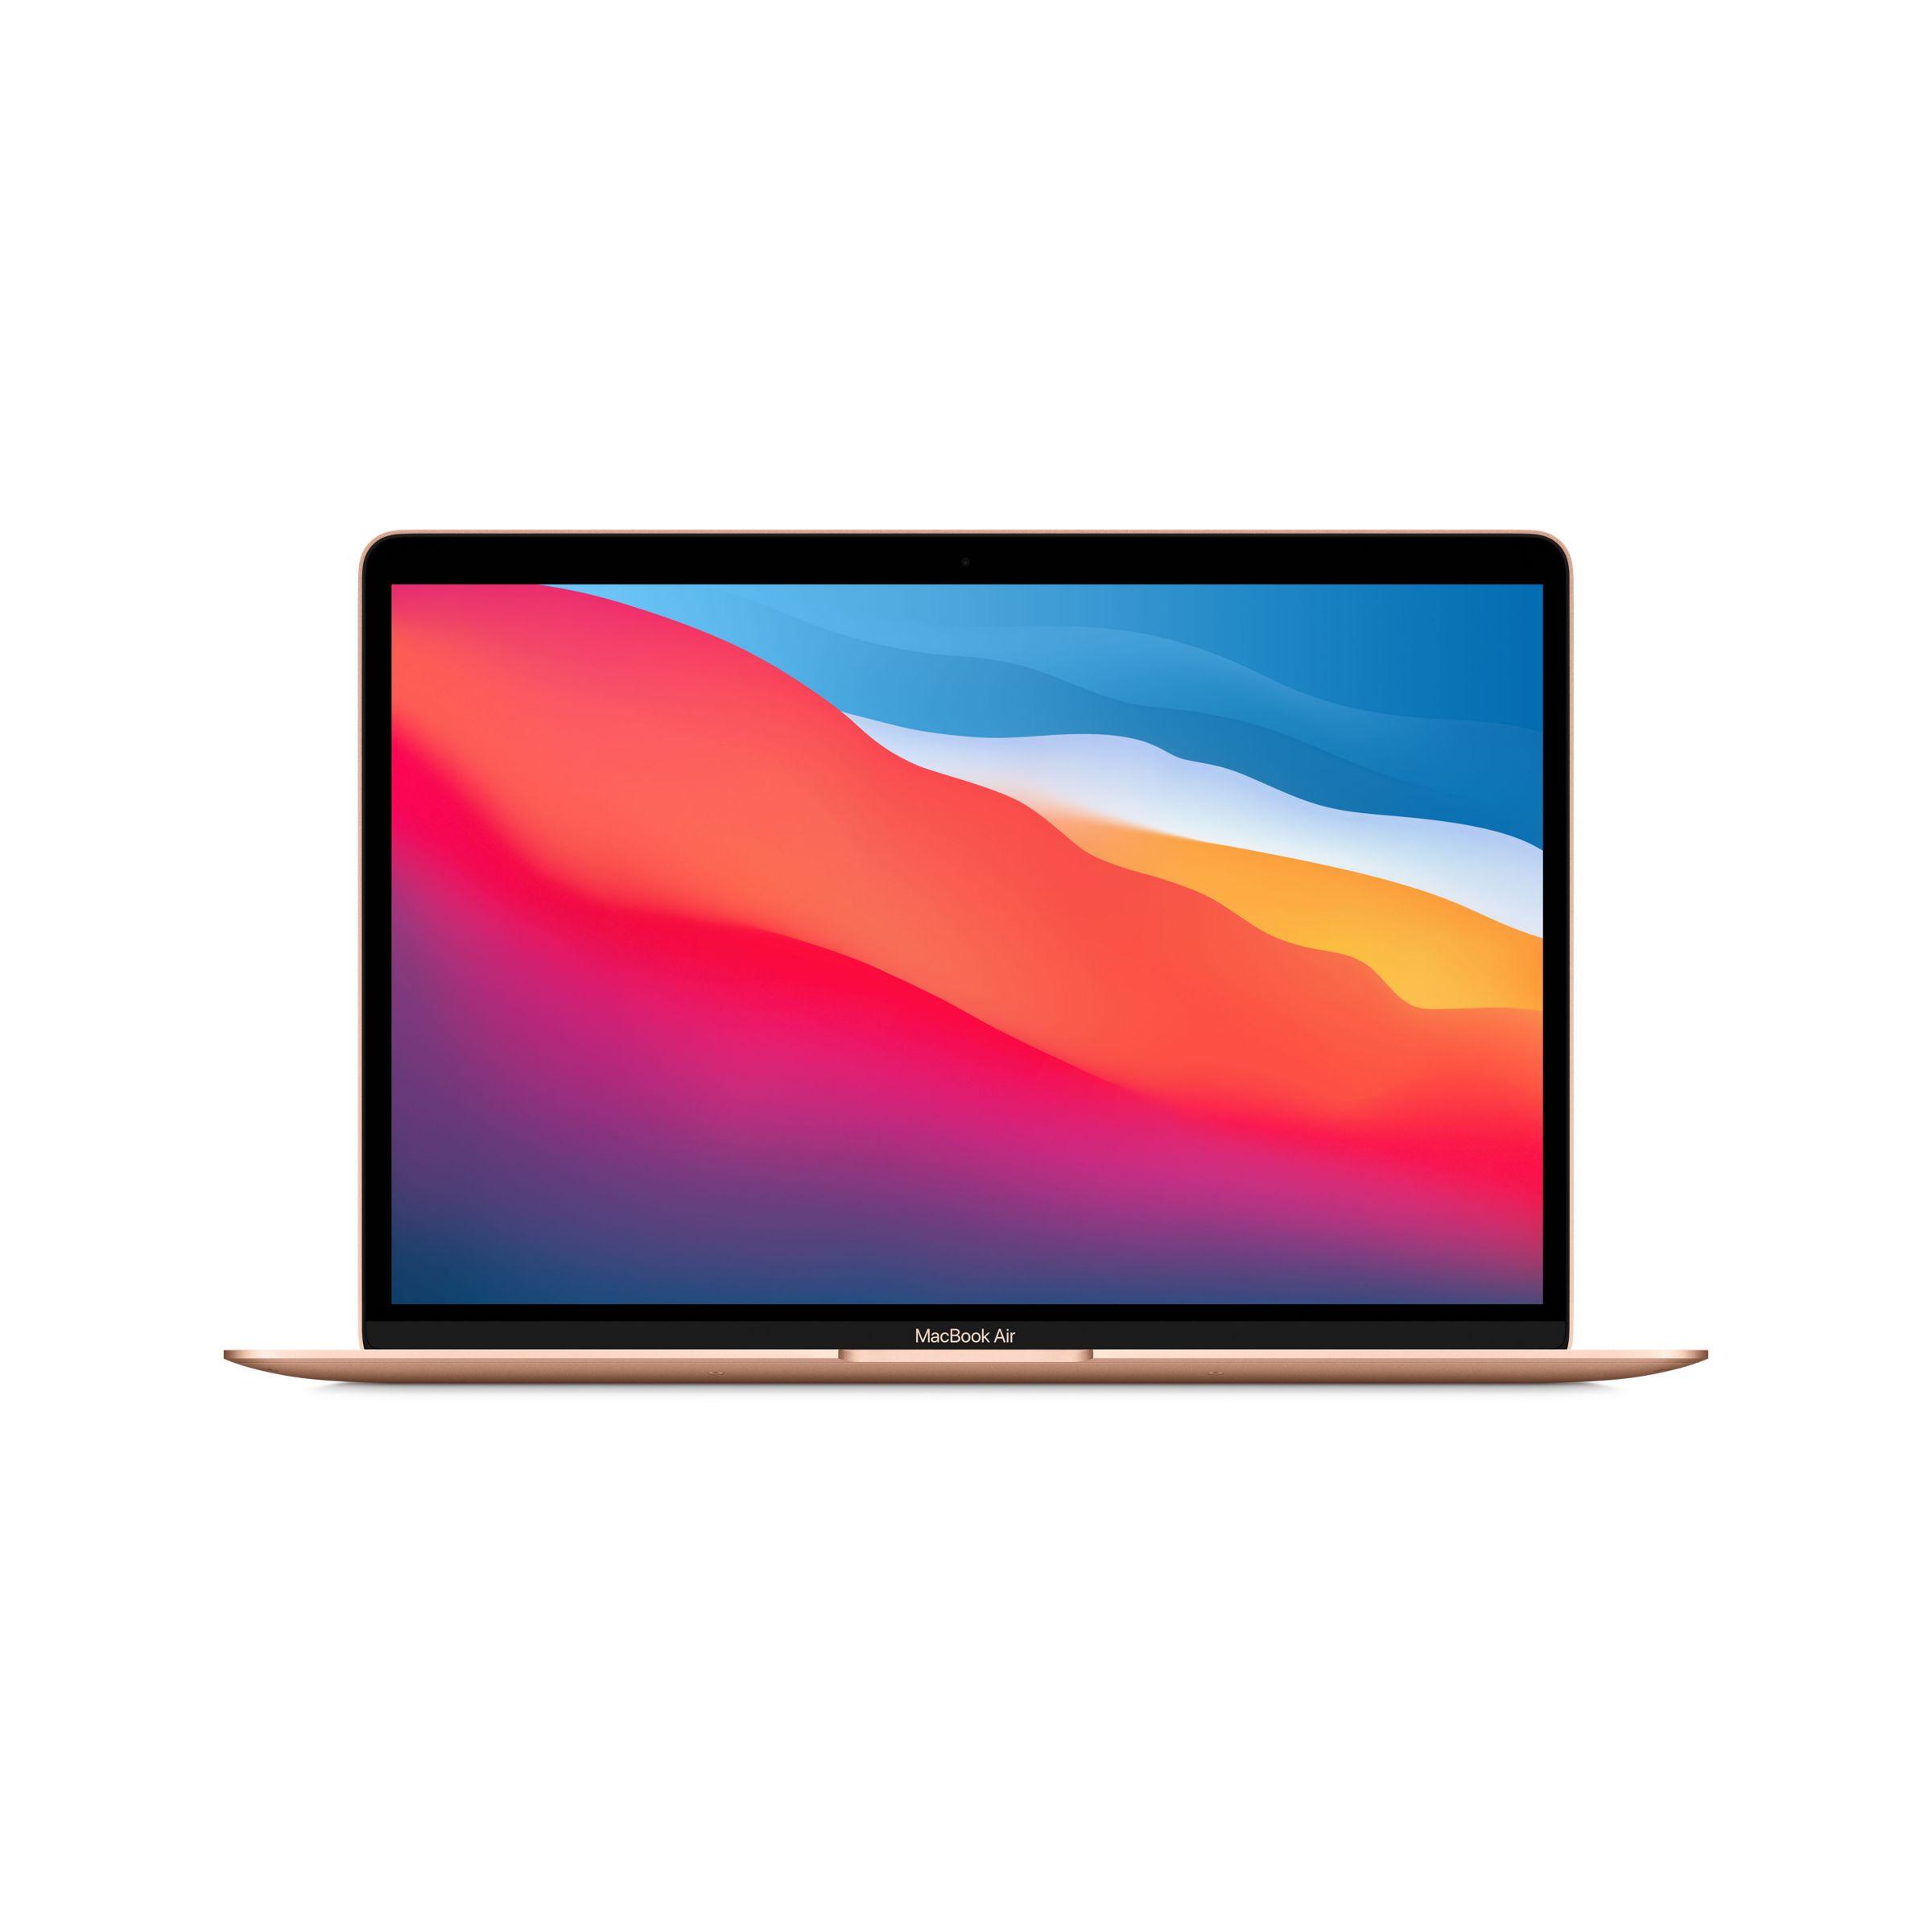 2020 Apple MacBook Air 13.3 Retina Display, M1 Processor, 8GB RAM, 256GB SSD